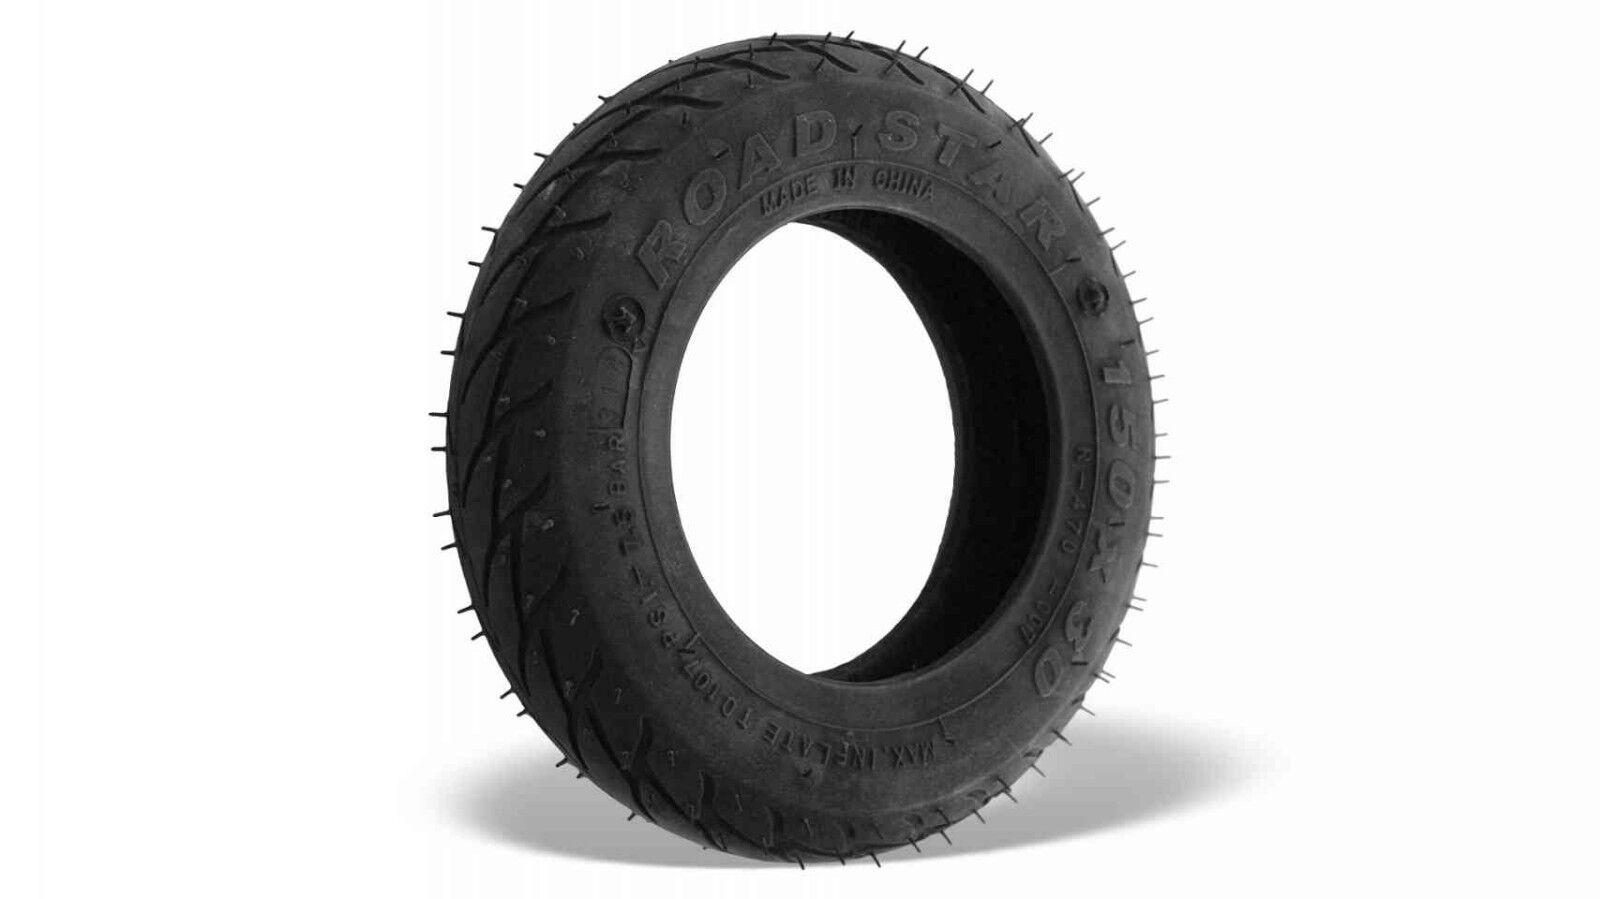 Skike Road Cross Star Cross Road Skates Reifen Mantel Tire 6,25 Zoll 150 x 30 mm 50deef